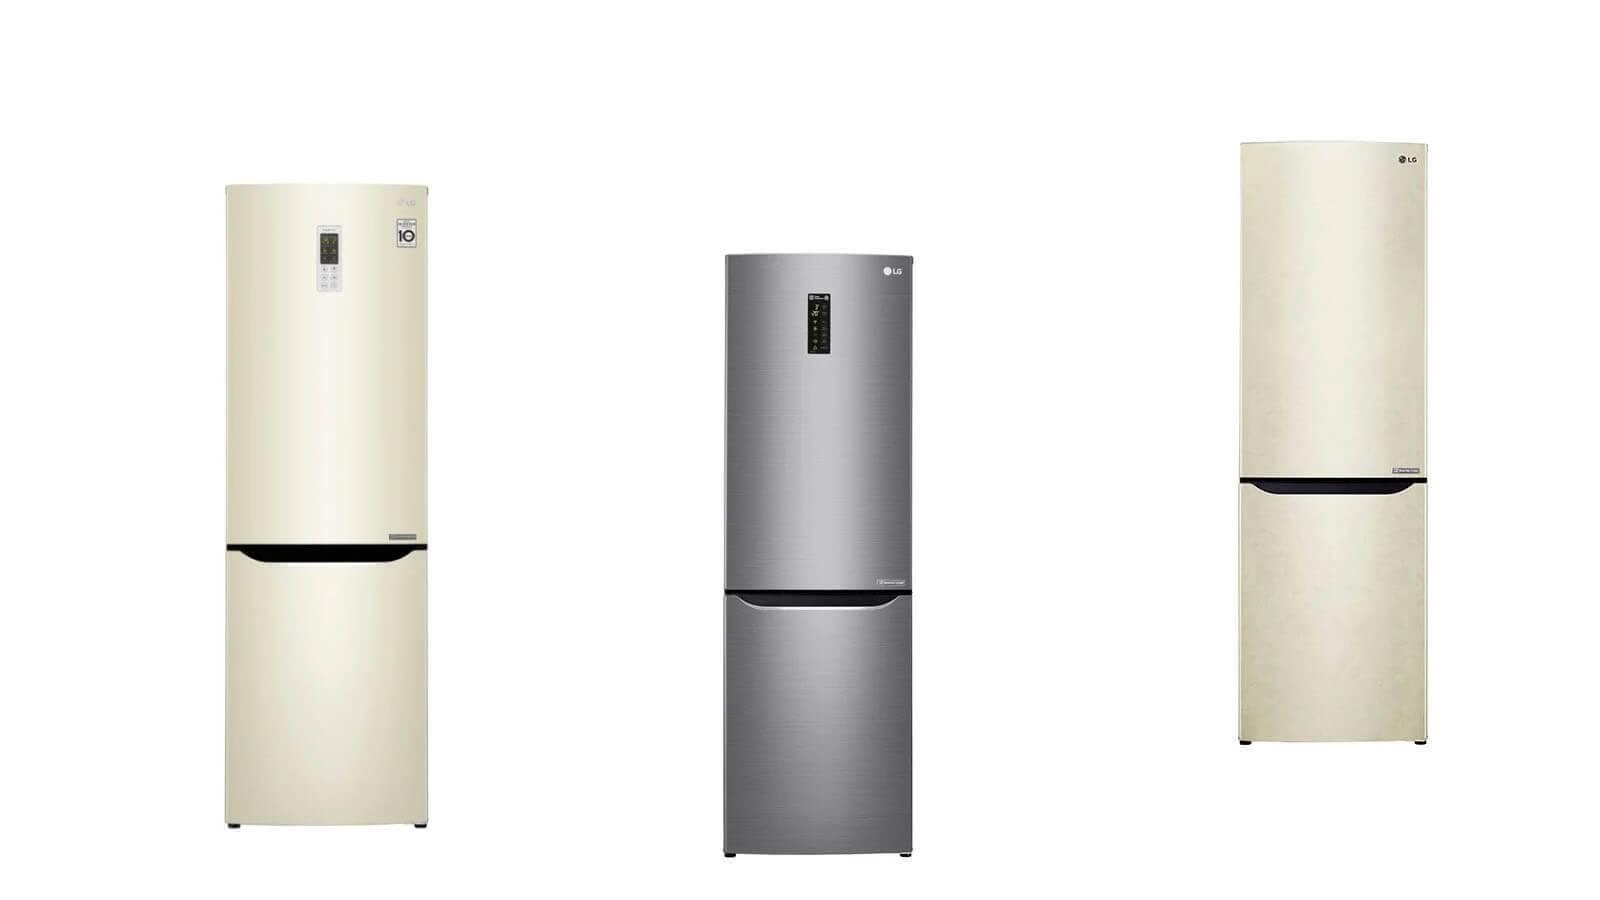 Лучшие холодильники атлант, топ-10 рейтинг холодильников 2020